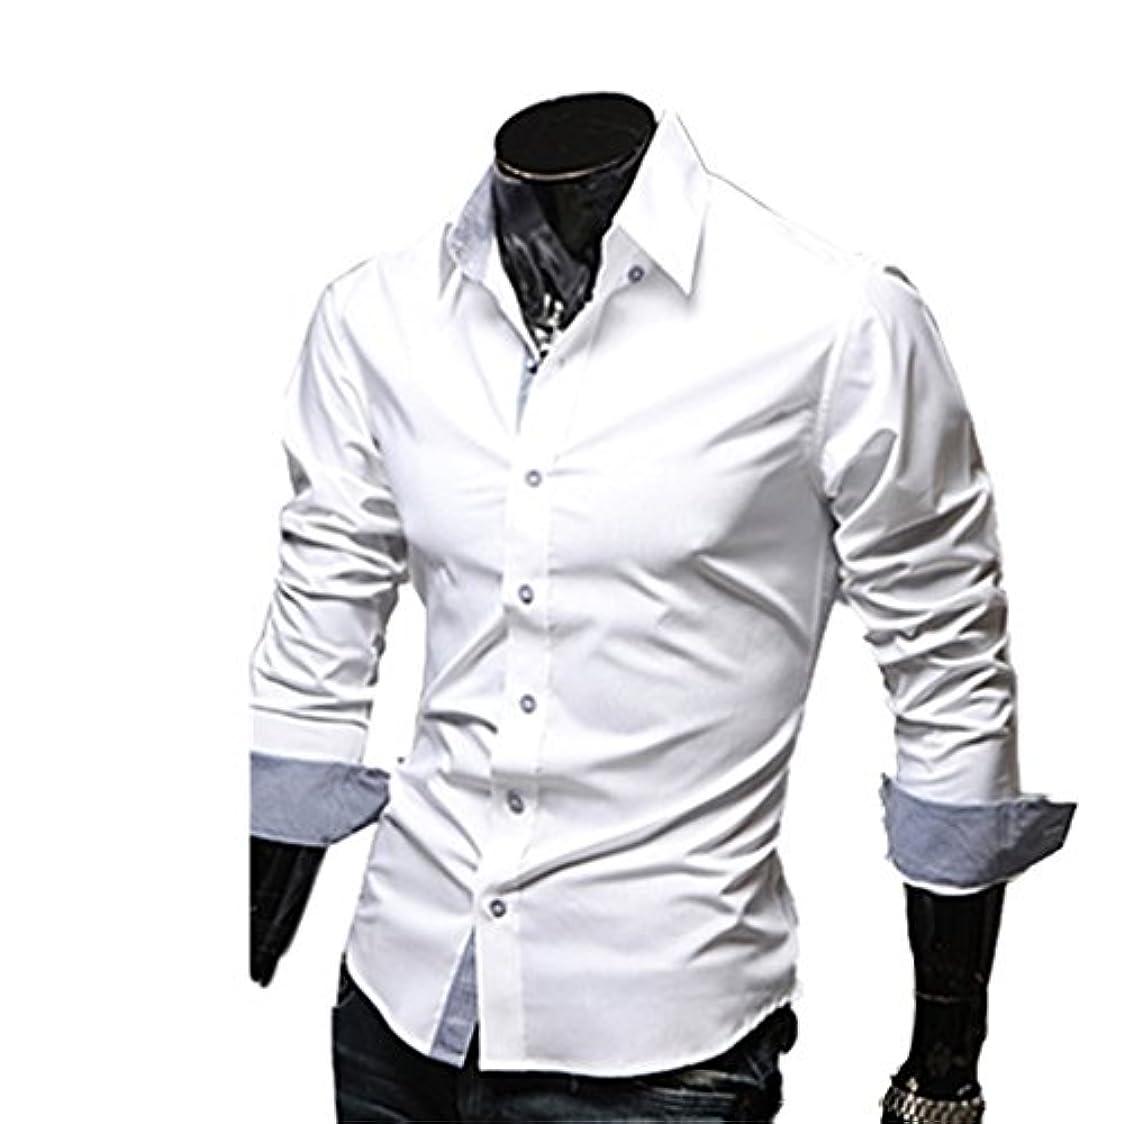 酔っ払い勝つリマークHonghu メンズ シャツ 長袖 秋冬 グレンチェック 無地 ホワイト 3XL 1PC